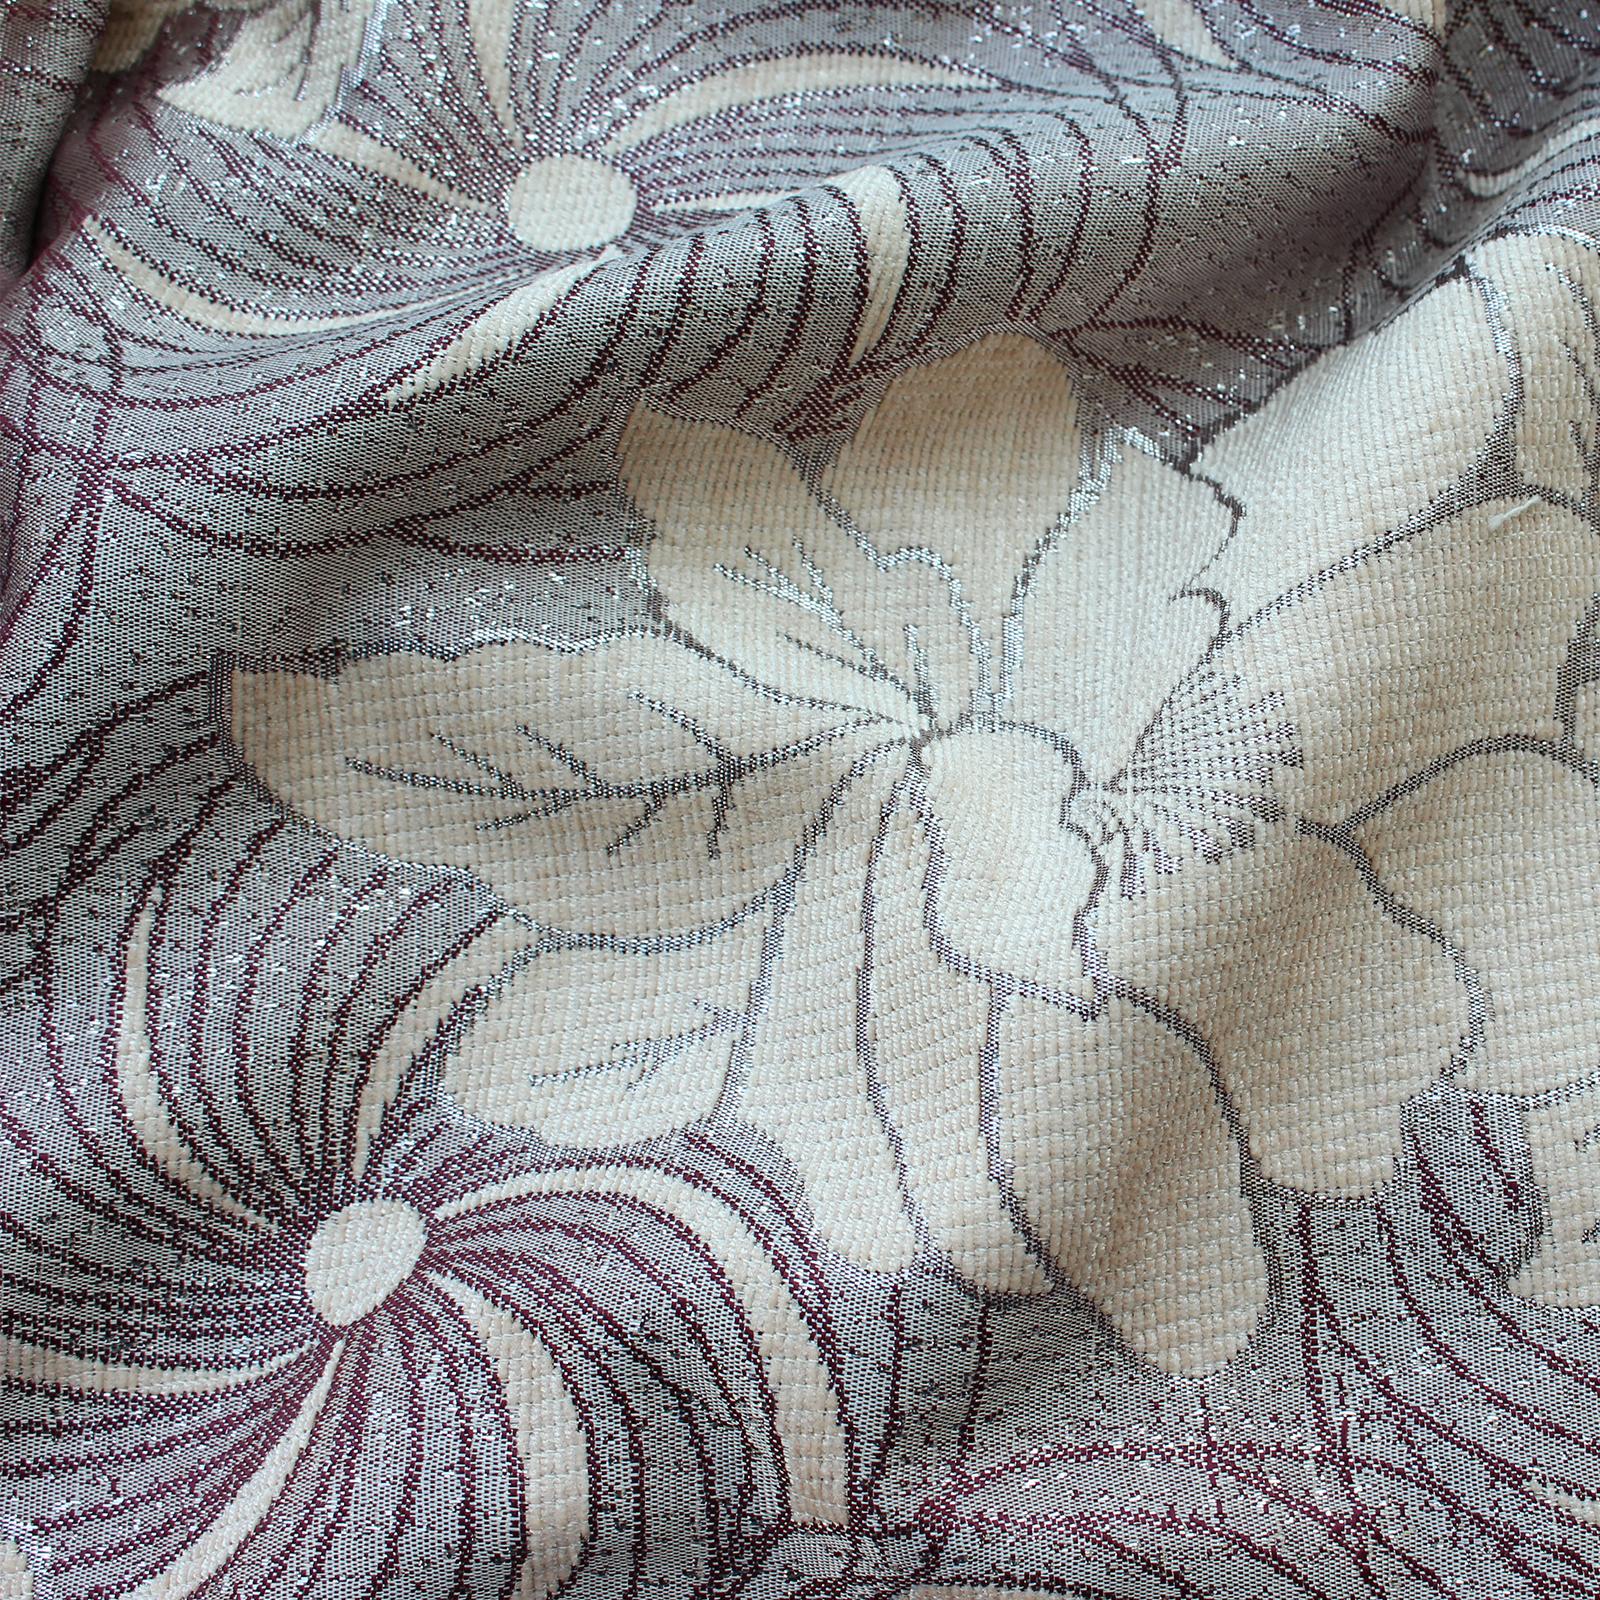 Lợi ích từ việc mua bán vải tồn kho đem lại thật lớn